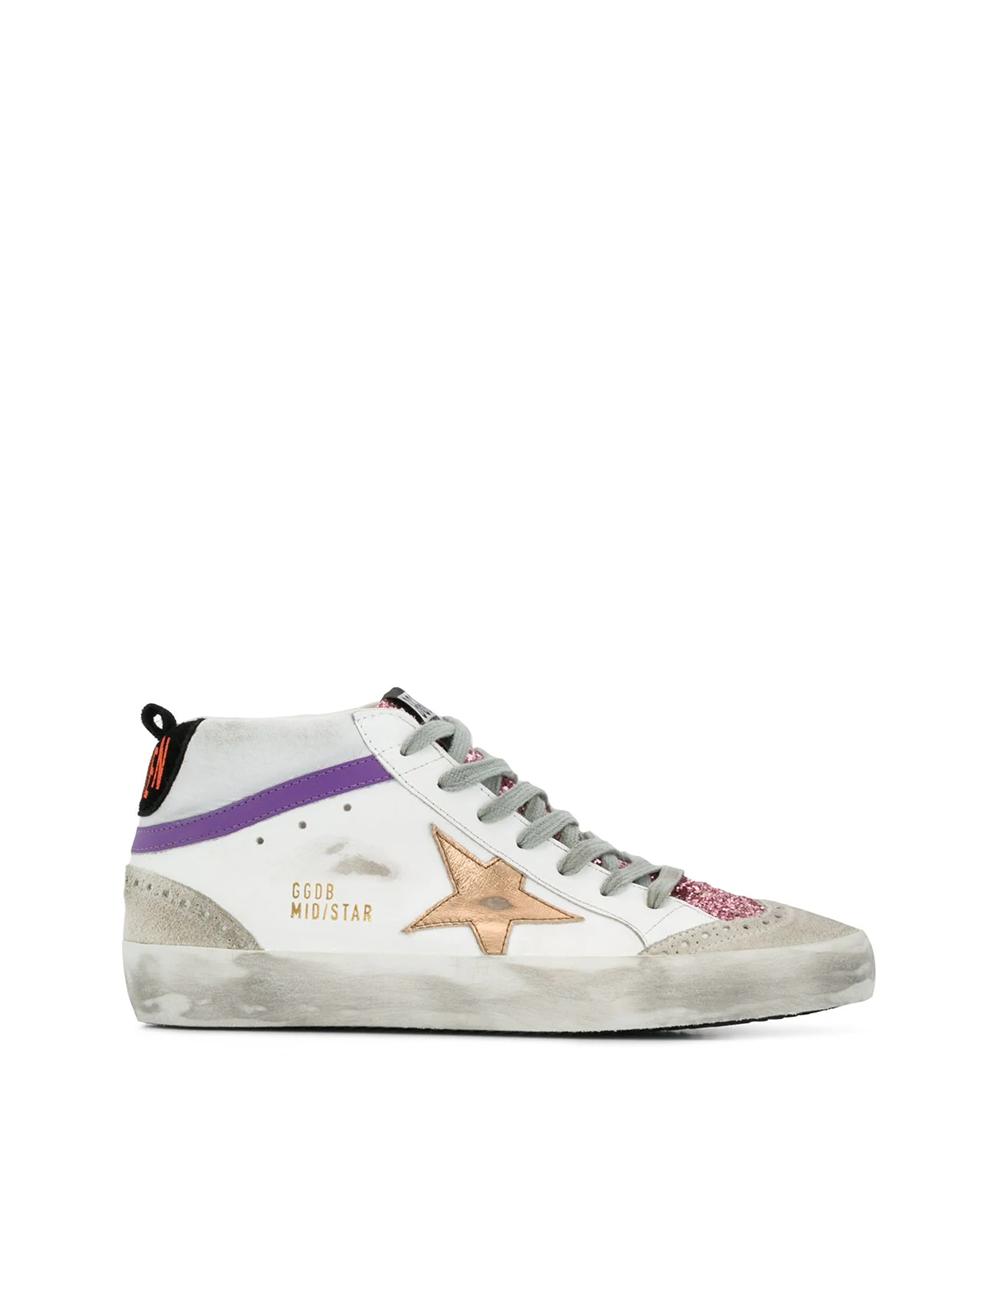 Sneakers mi star sneakers Golden Goose - BIG BOSS MEGEVE